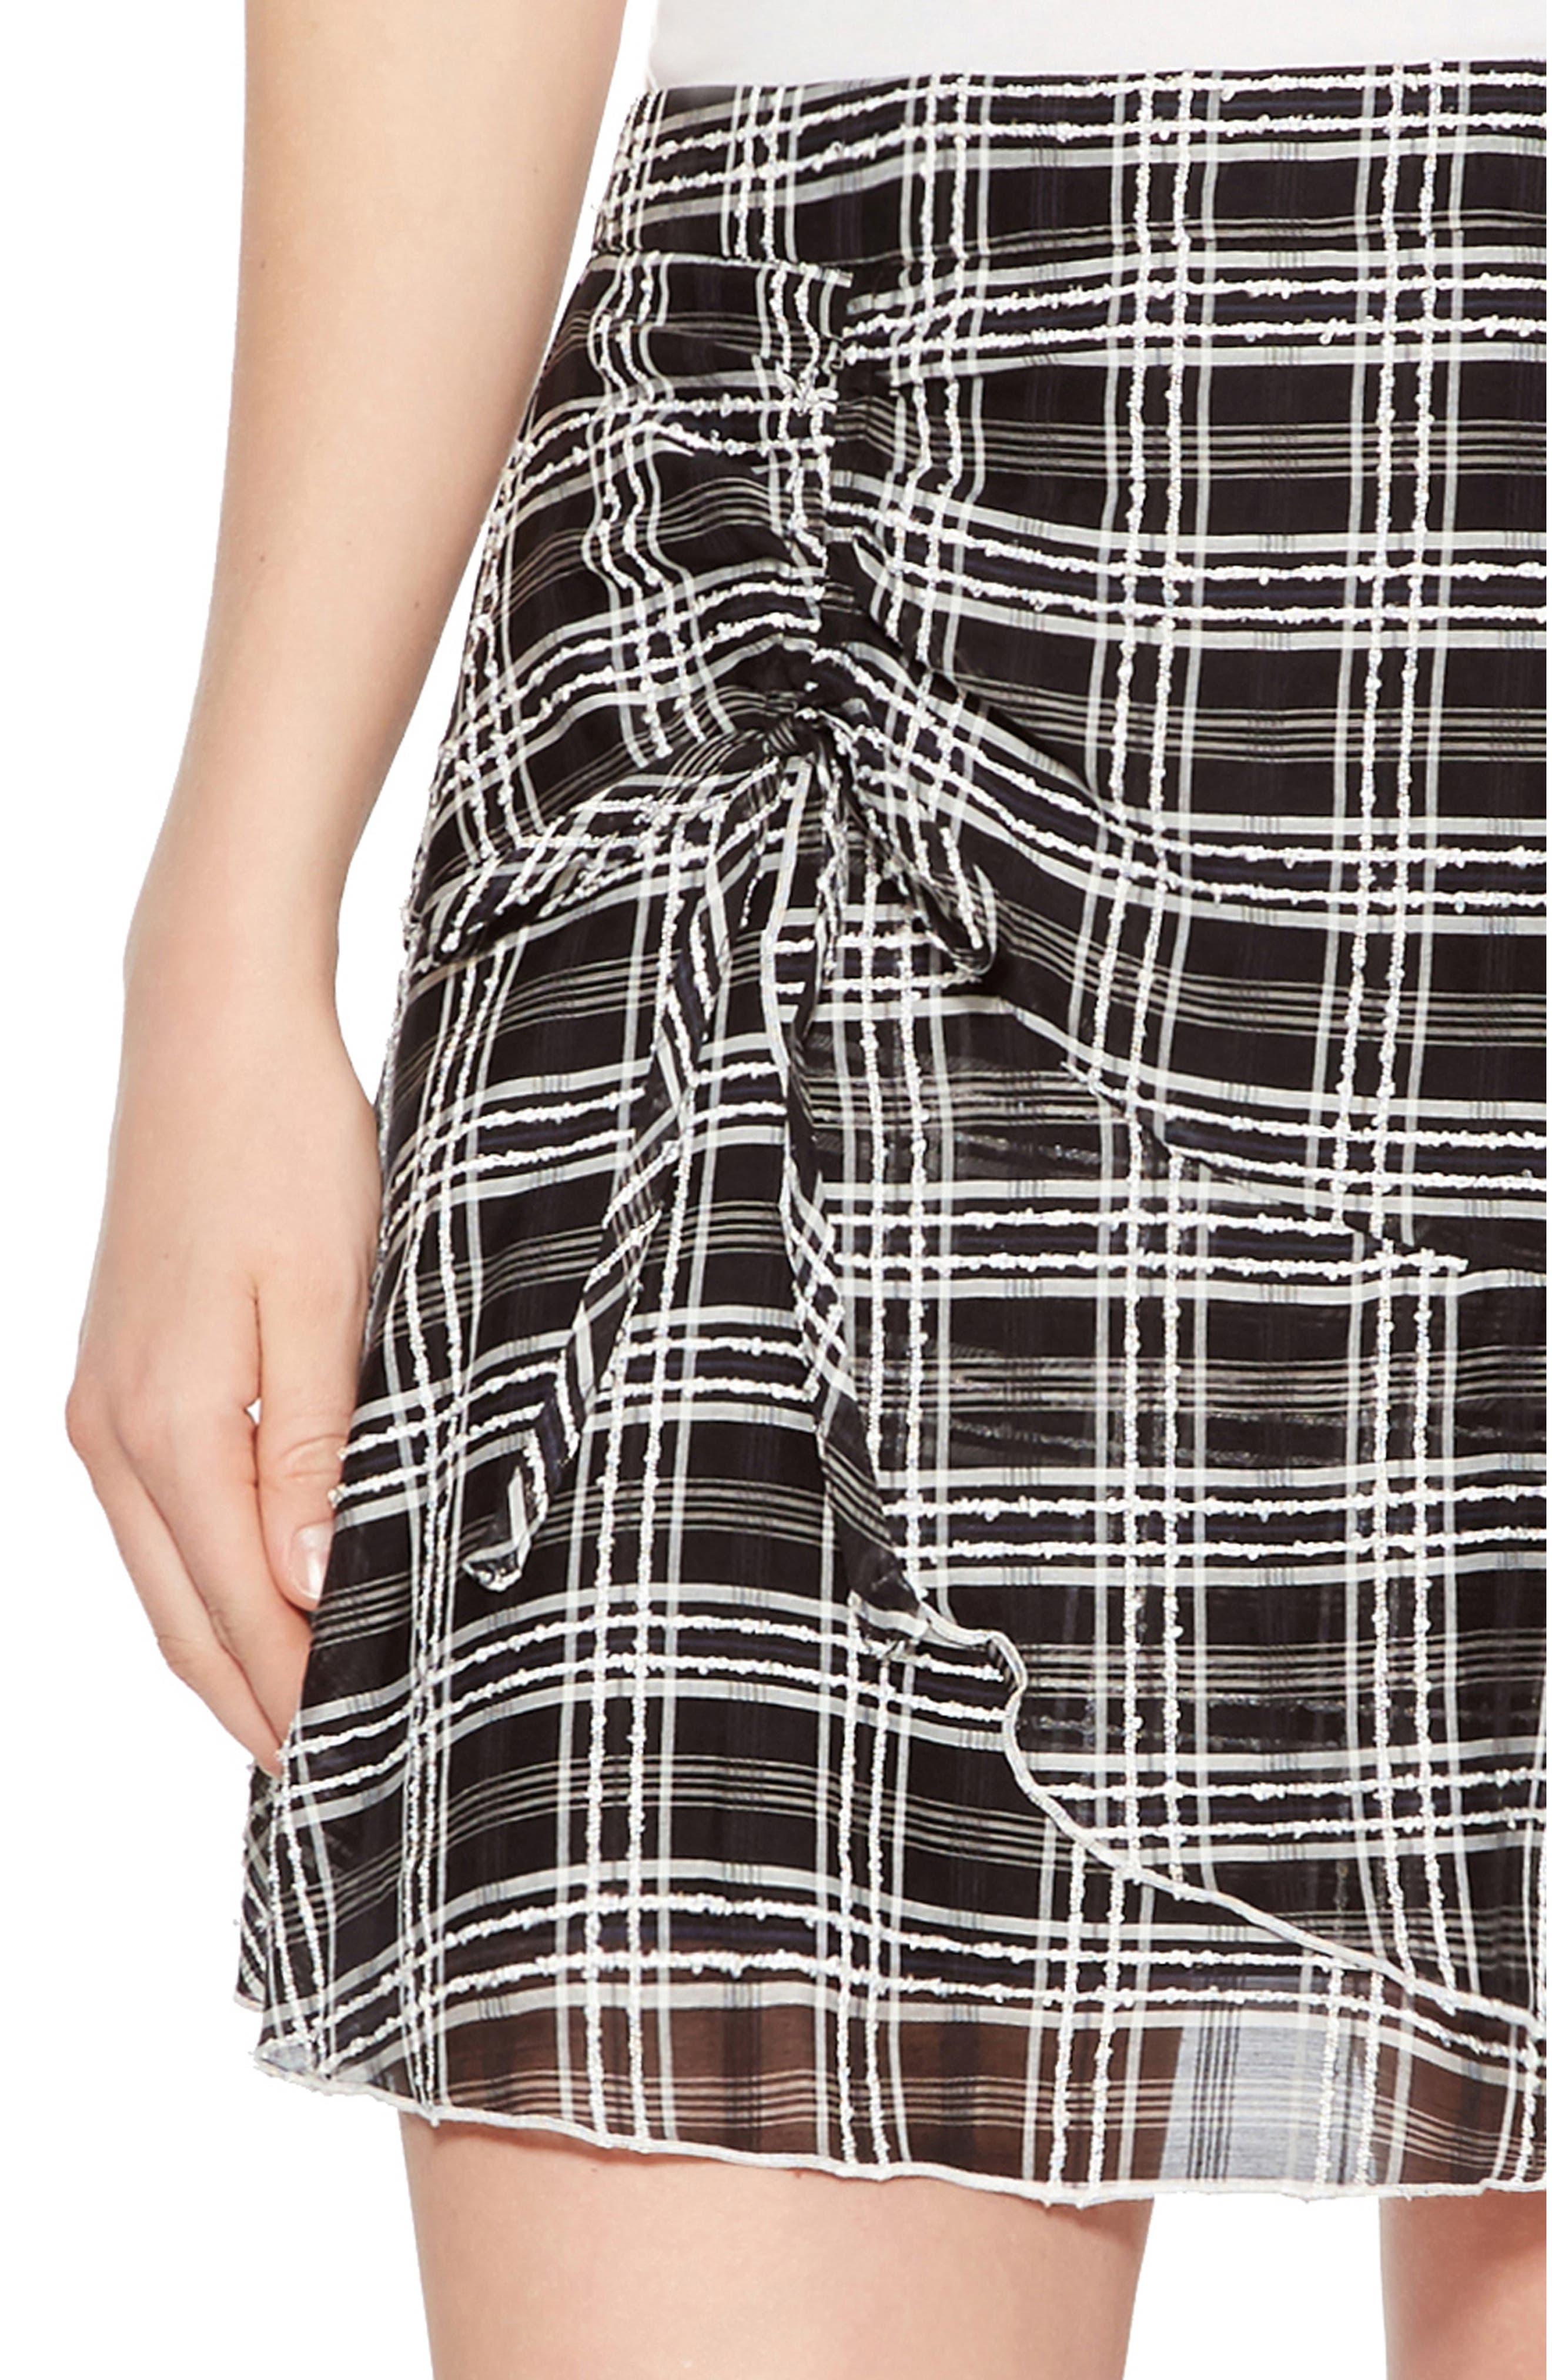 Chris Side Ruched Miniskirt,                             Alternate thumbnail 4, color,                             BLACK/ WHITE